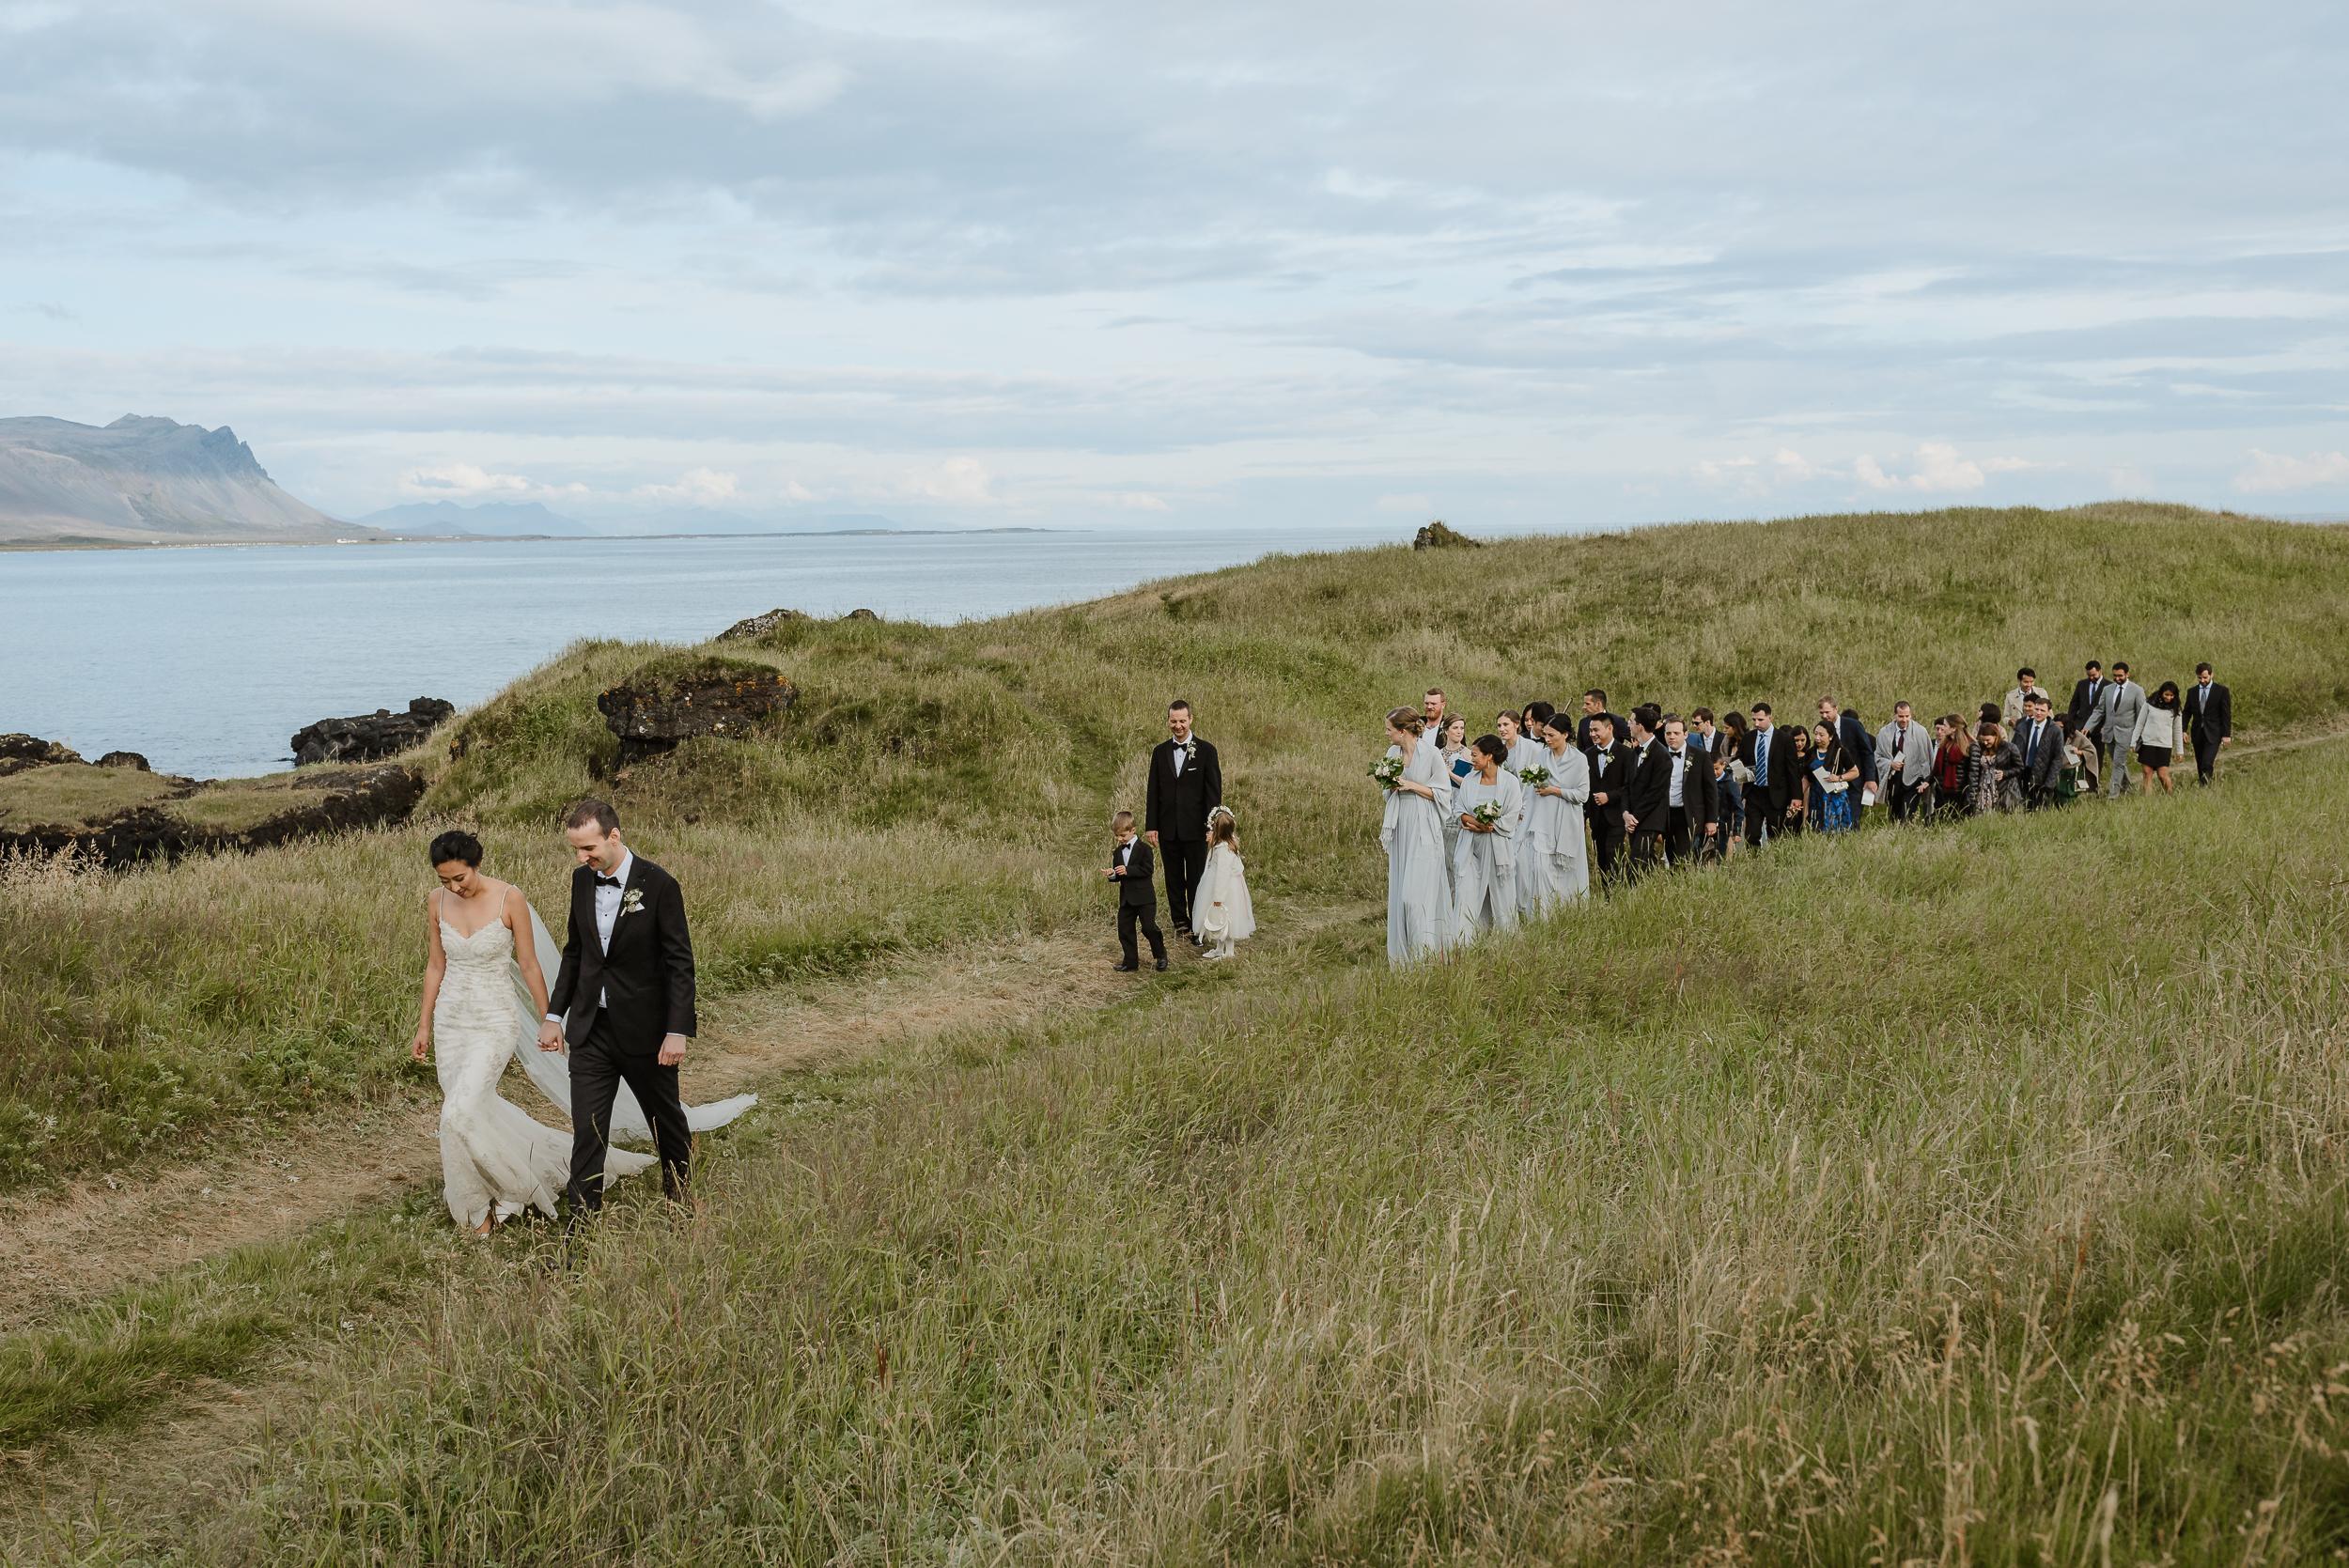 075-hotel-budir-iceland-destination-wedding-vivianchen-661.jpg